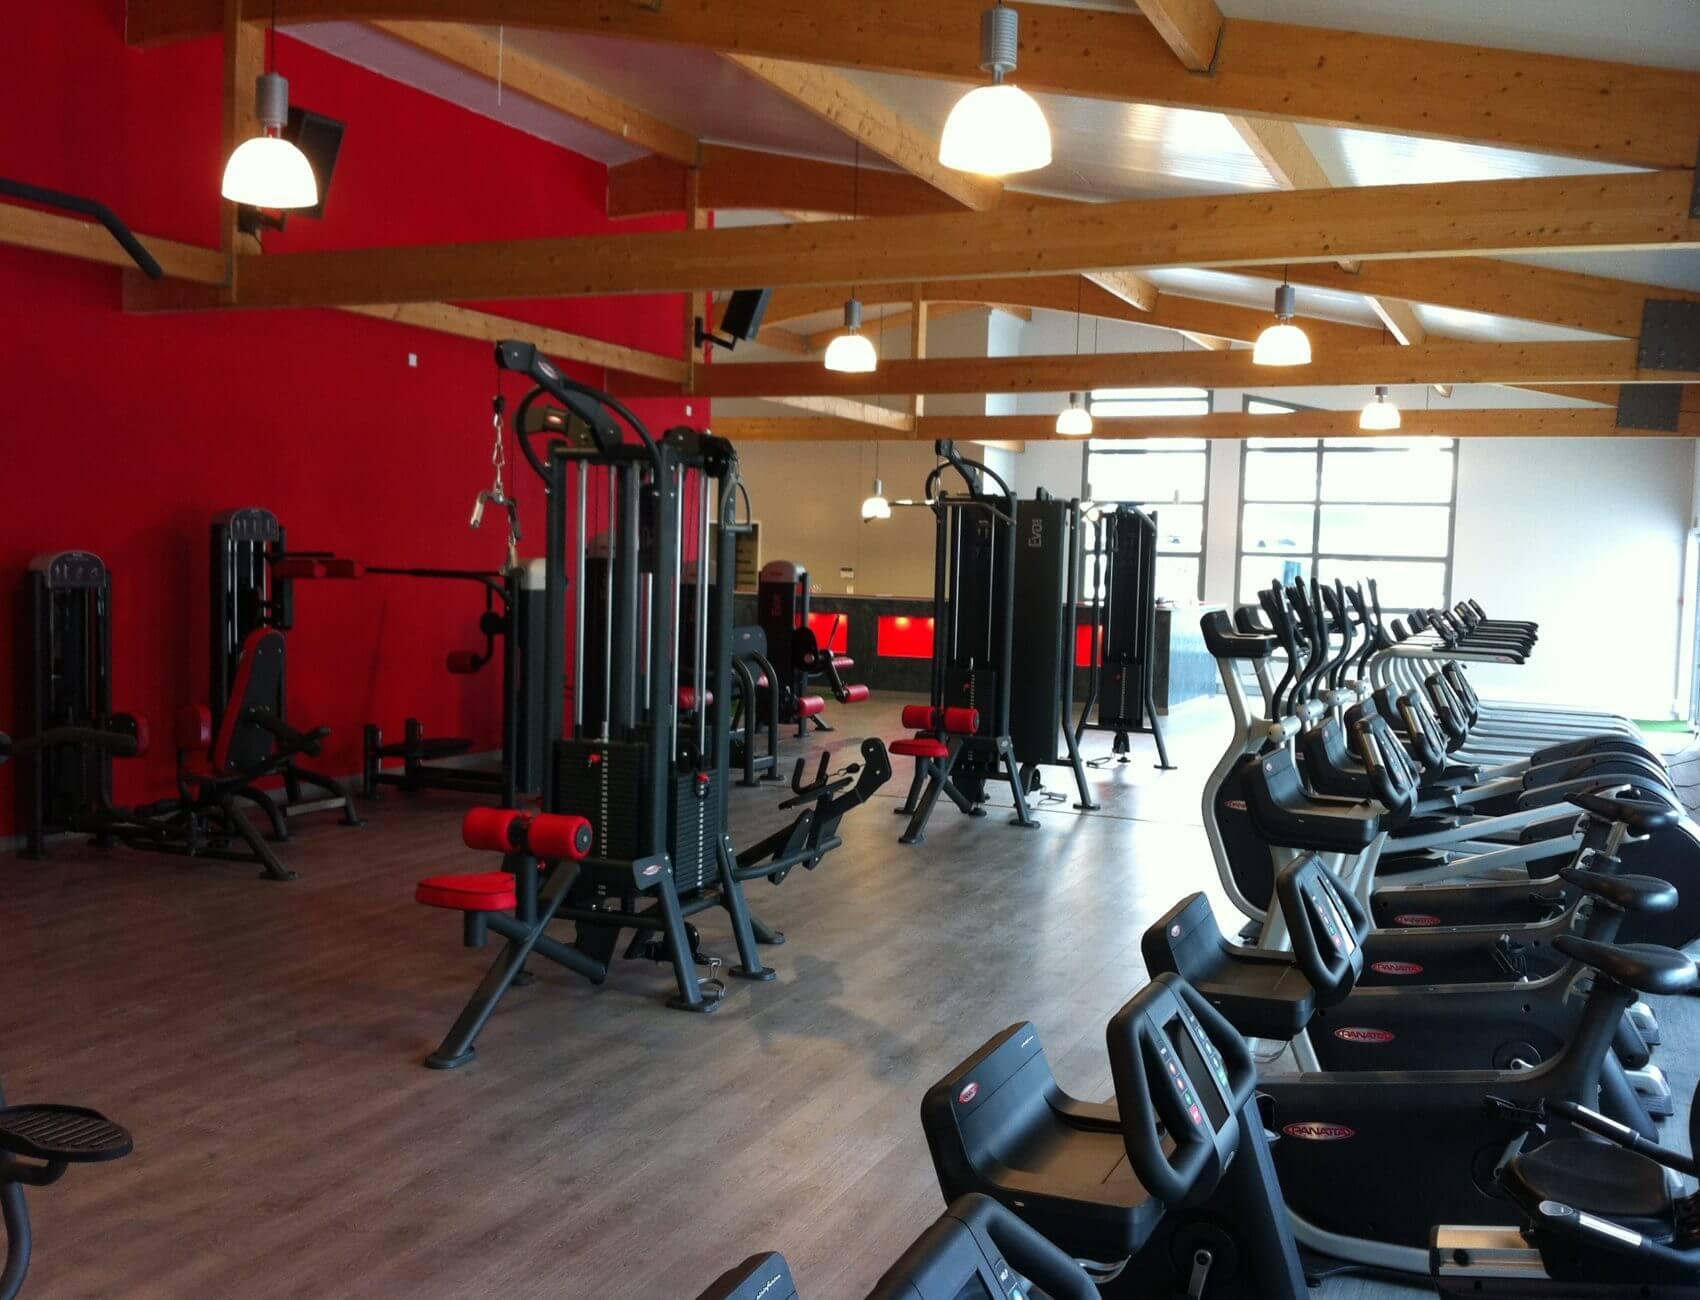 Galerie echipamente fitness 2015 - 6